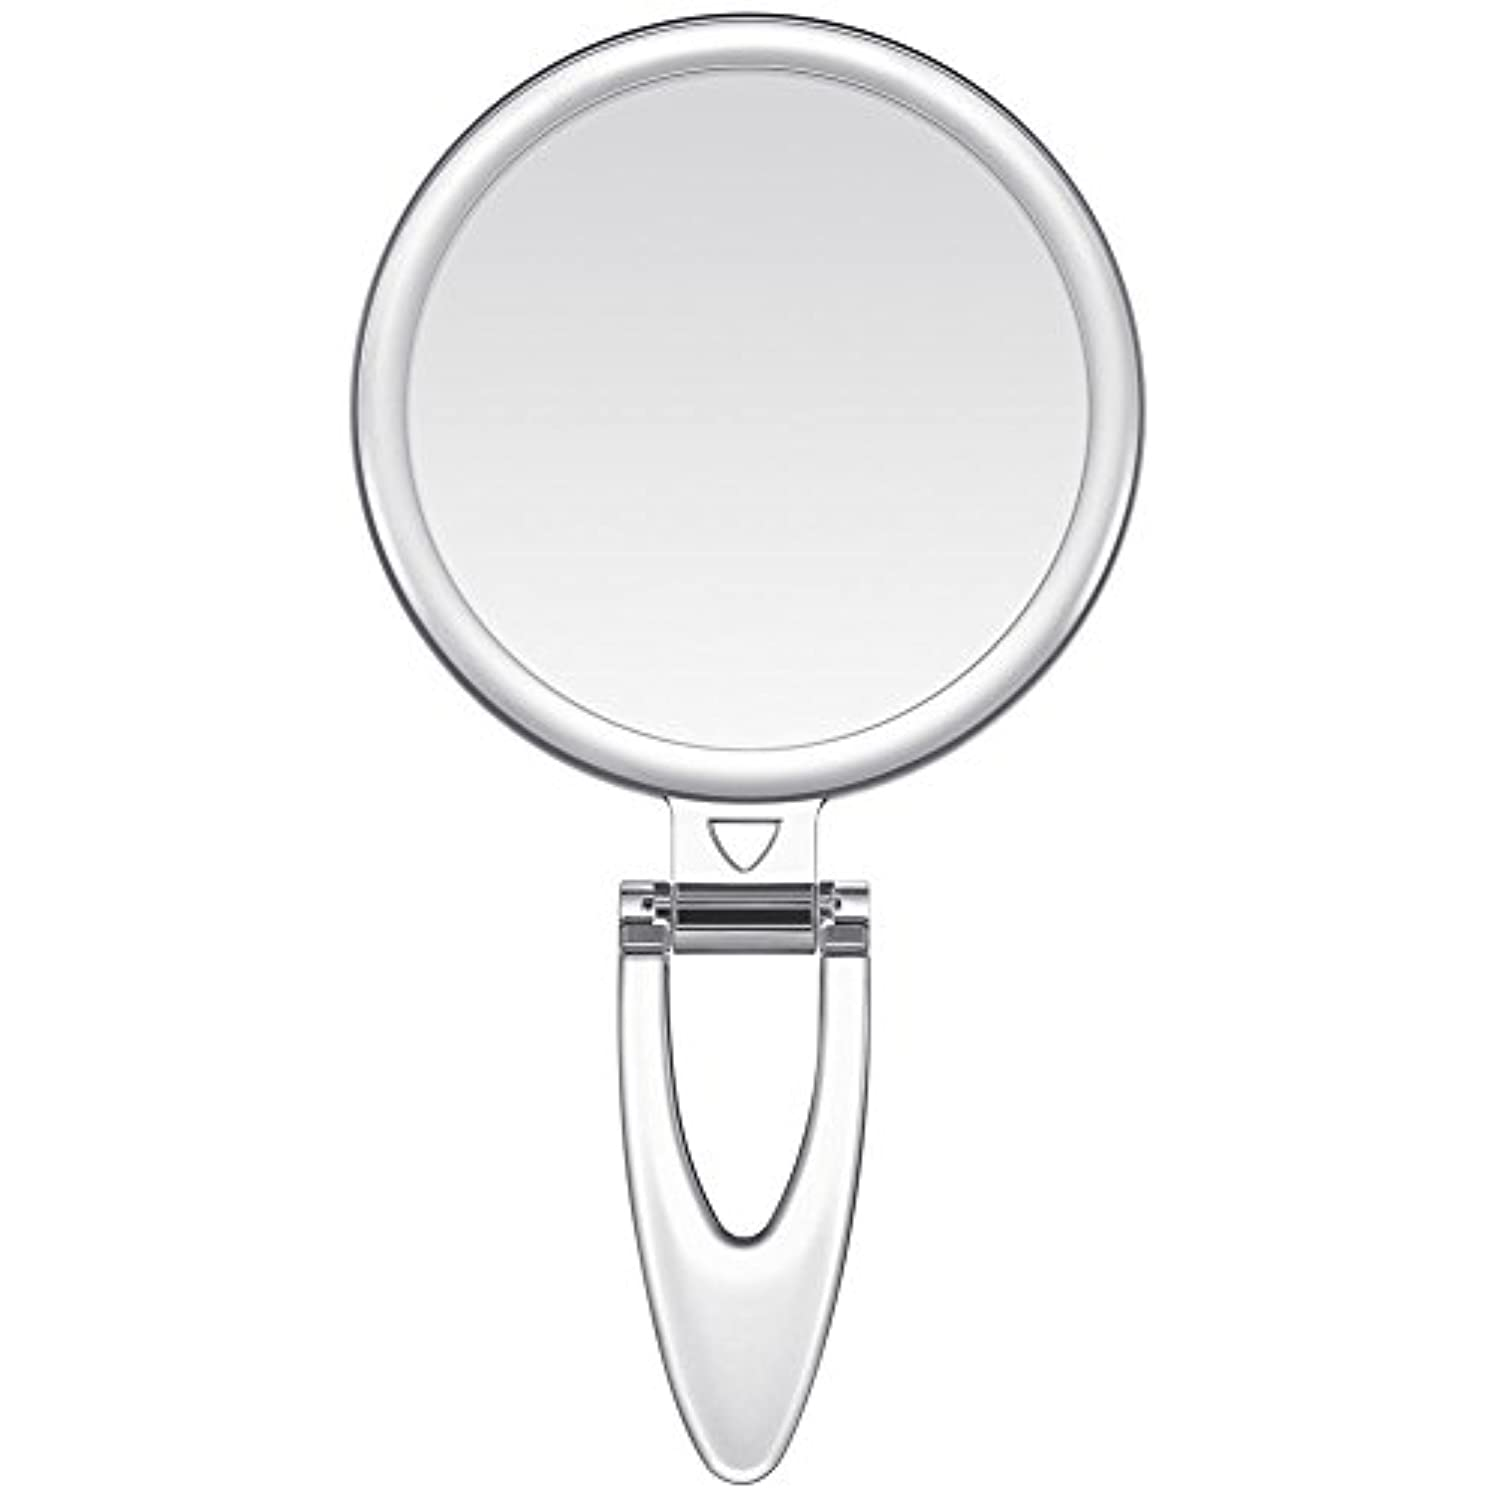 主流恥ずかしい快適Lavany 手鏡 鏡 拡大鏡 両面コンパクトミラー 化粧鏡 10倍鏡付き 手持ち スタンド 壁掛け仕様 (S(3.2インチ))